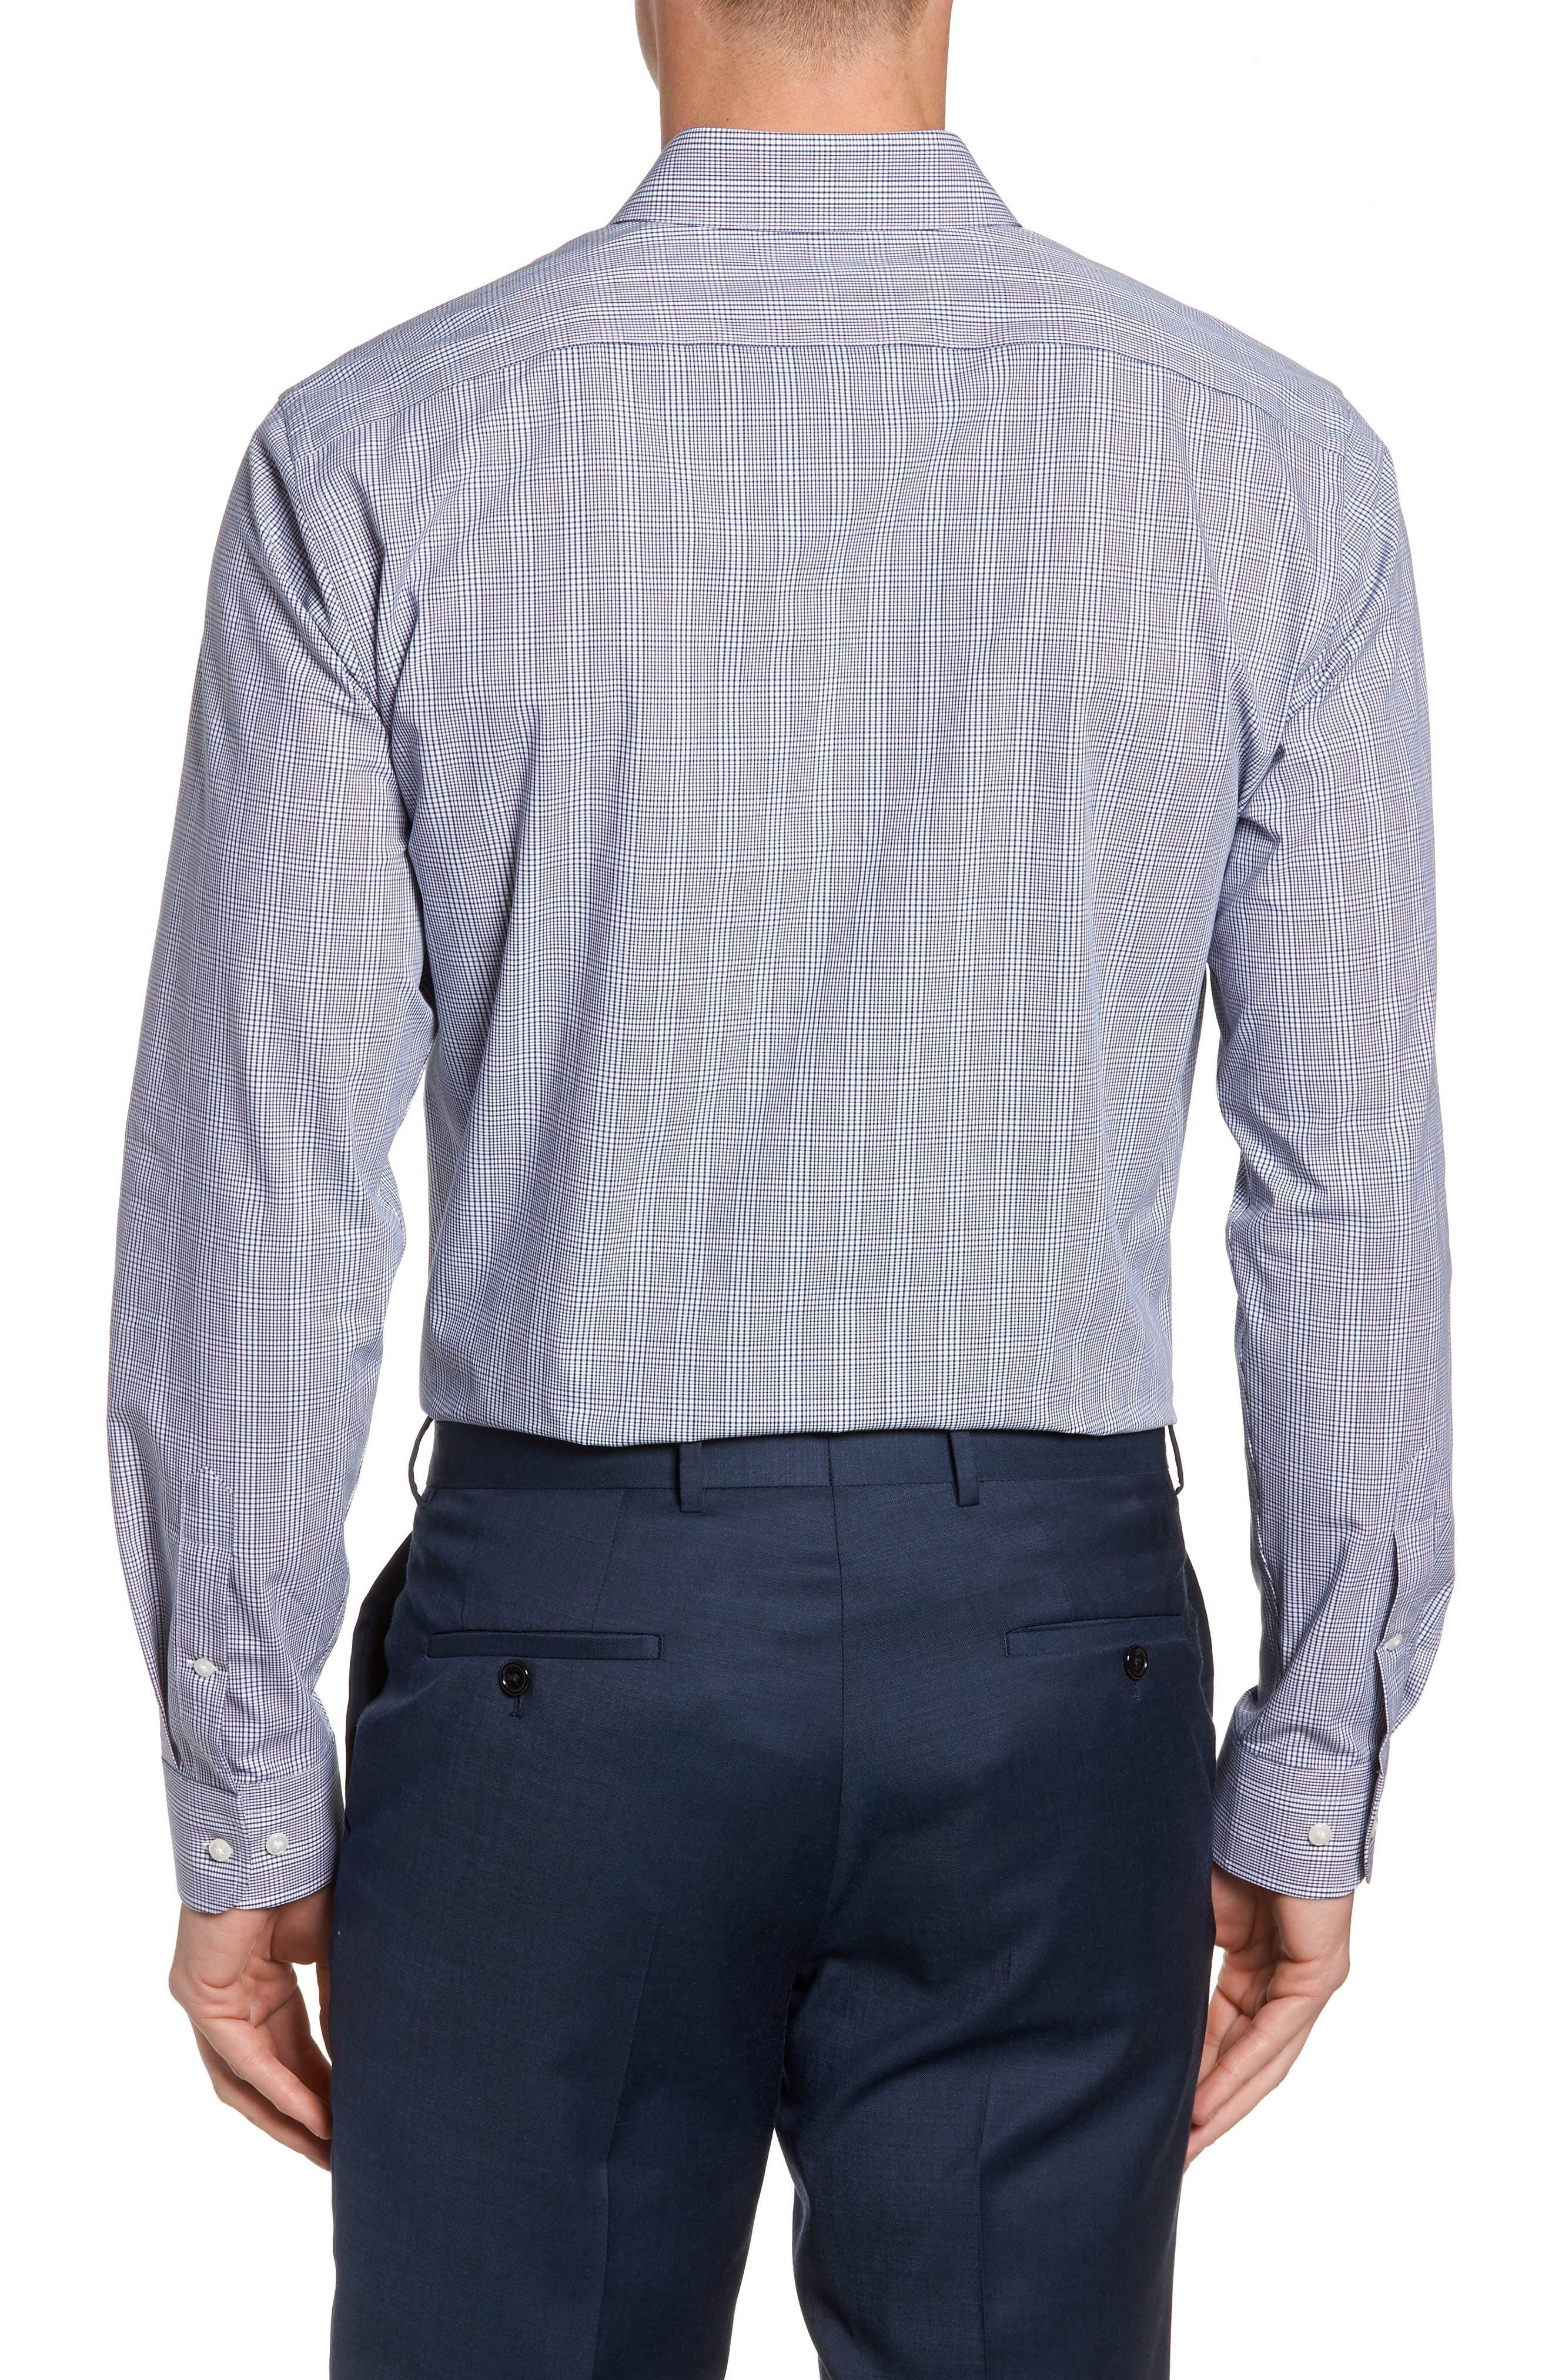 Tech-Smart Trim Fit Stretch Plaid Dress Shirt,                             Alternate thumbnail 3, color,                             401